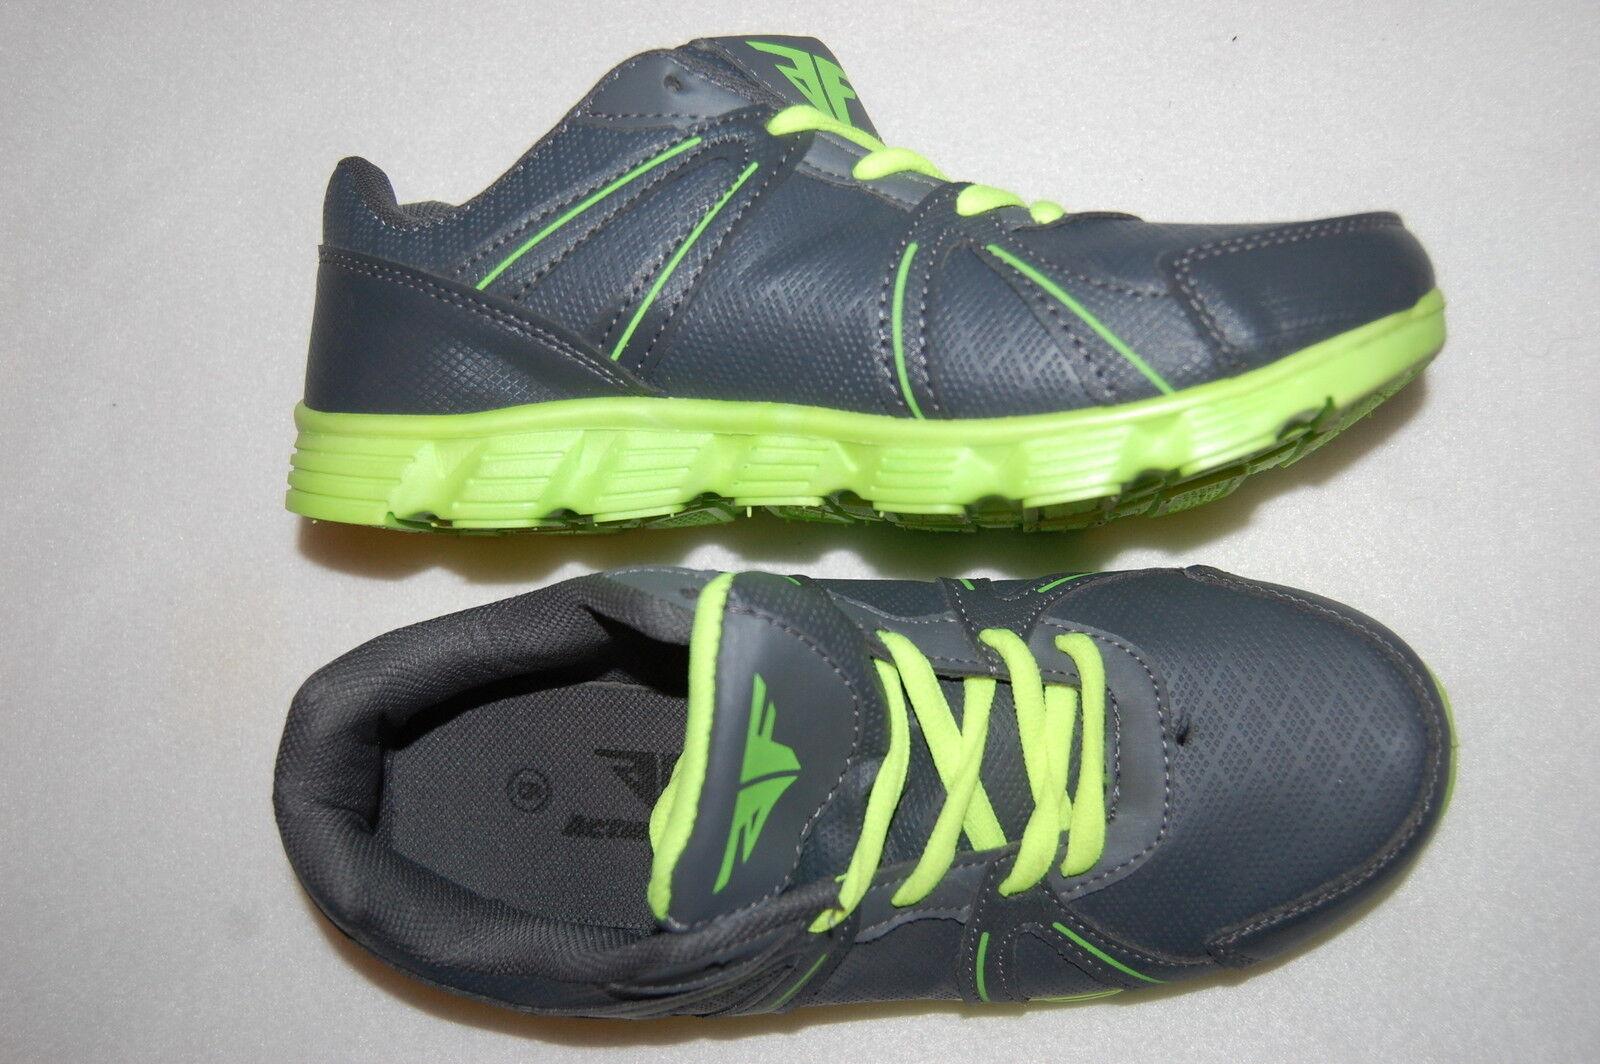 Womens Tennis Shoes GRAY \u0026 NEON LIME